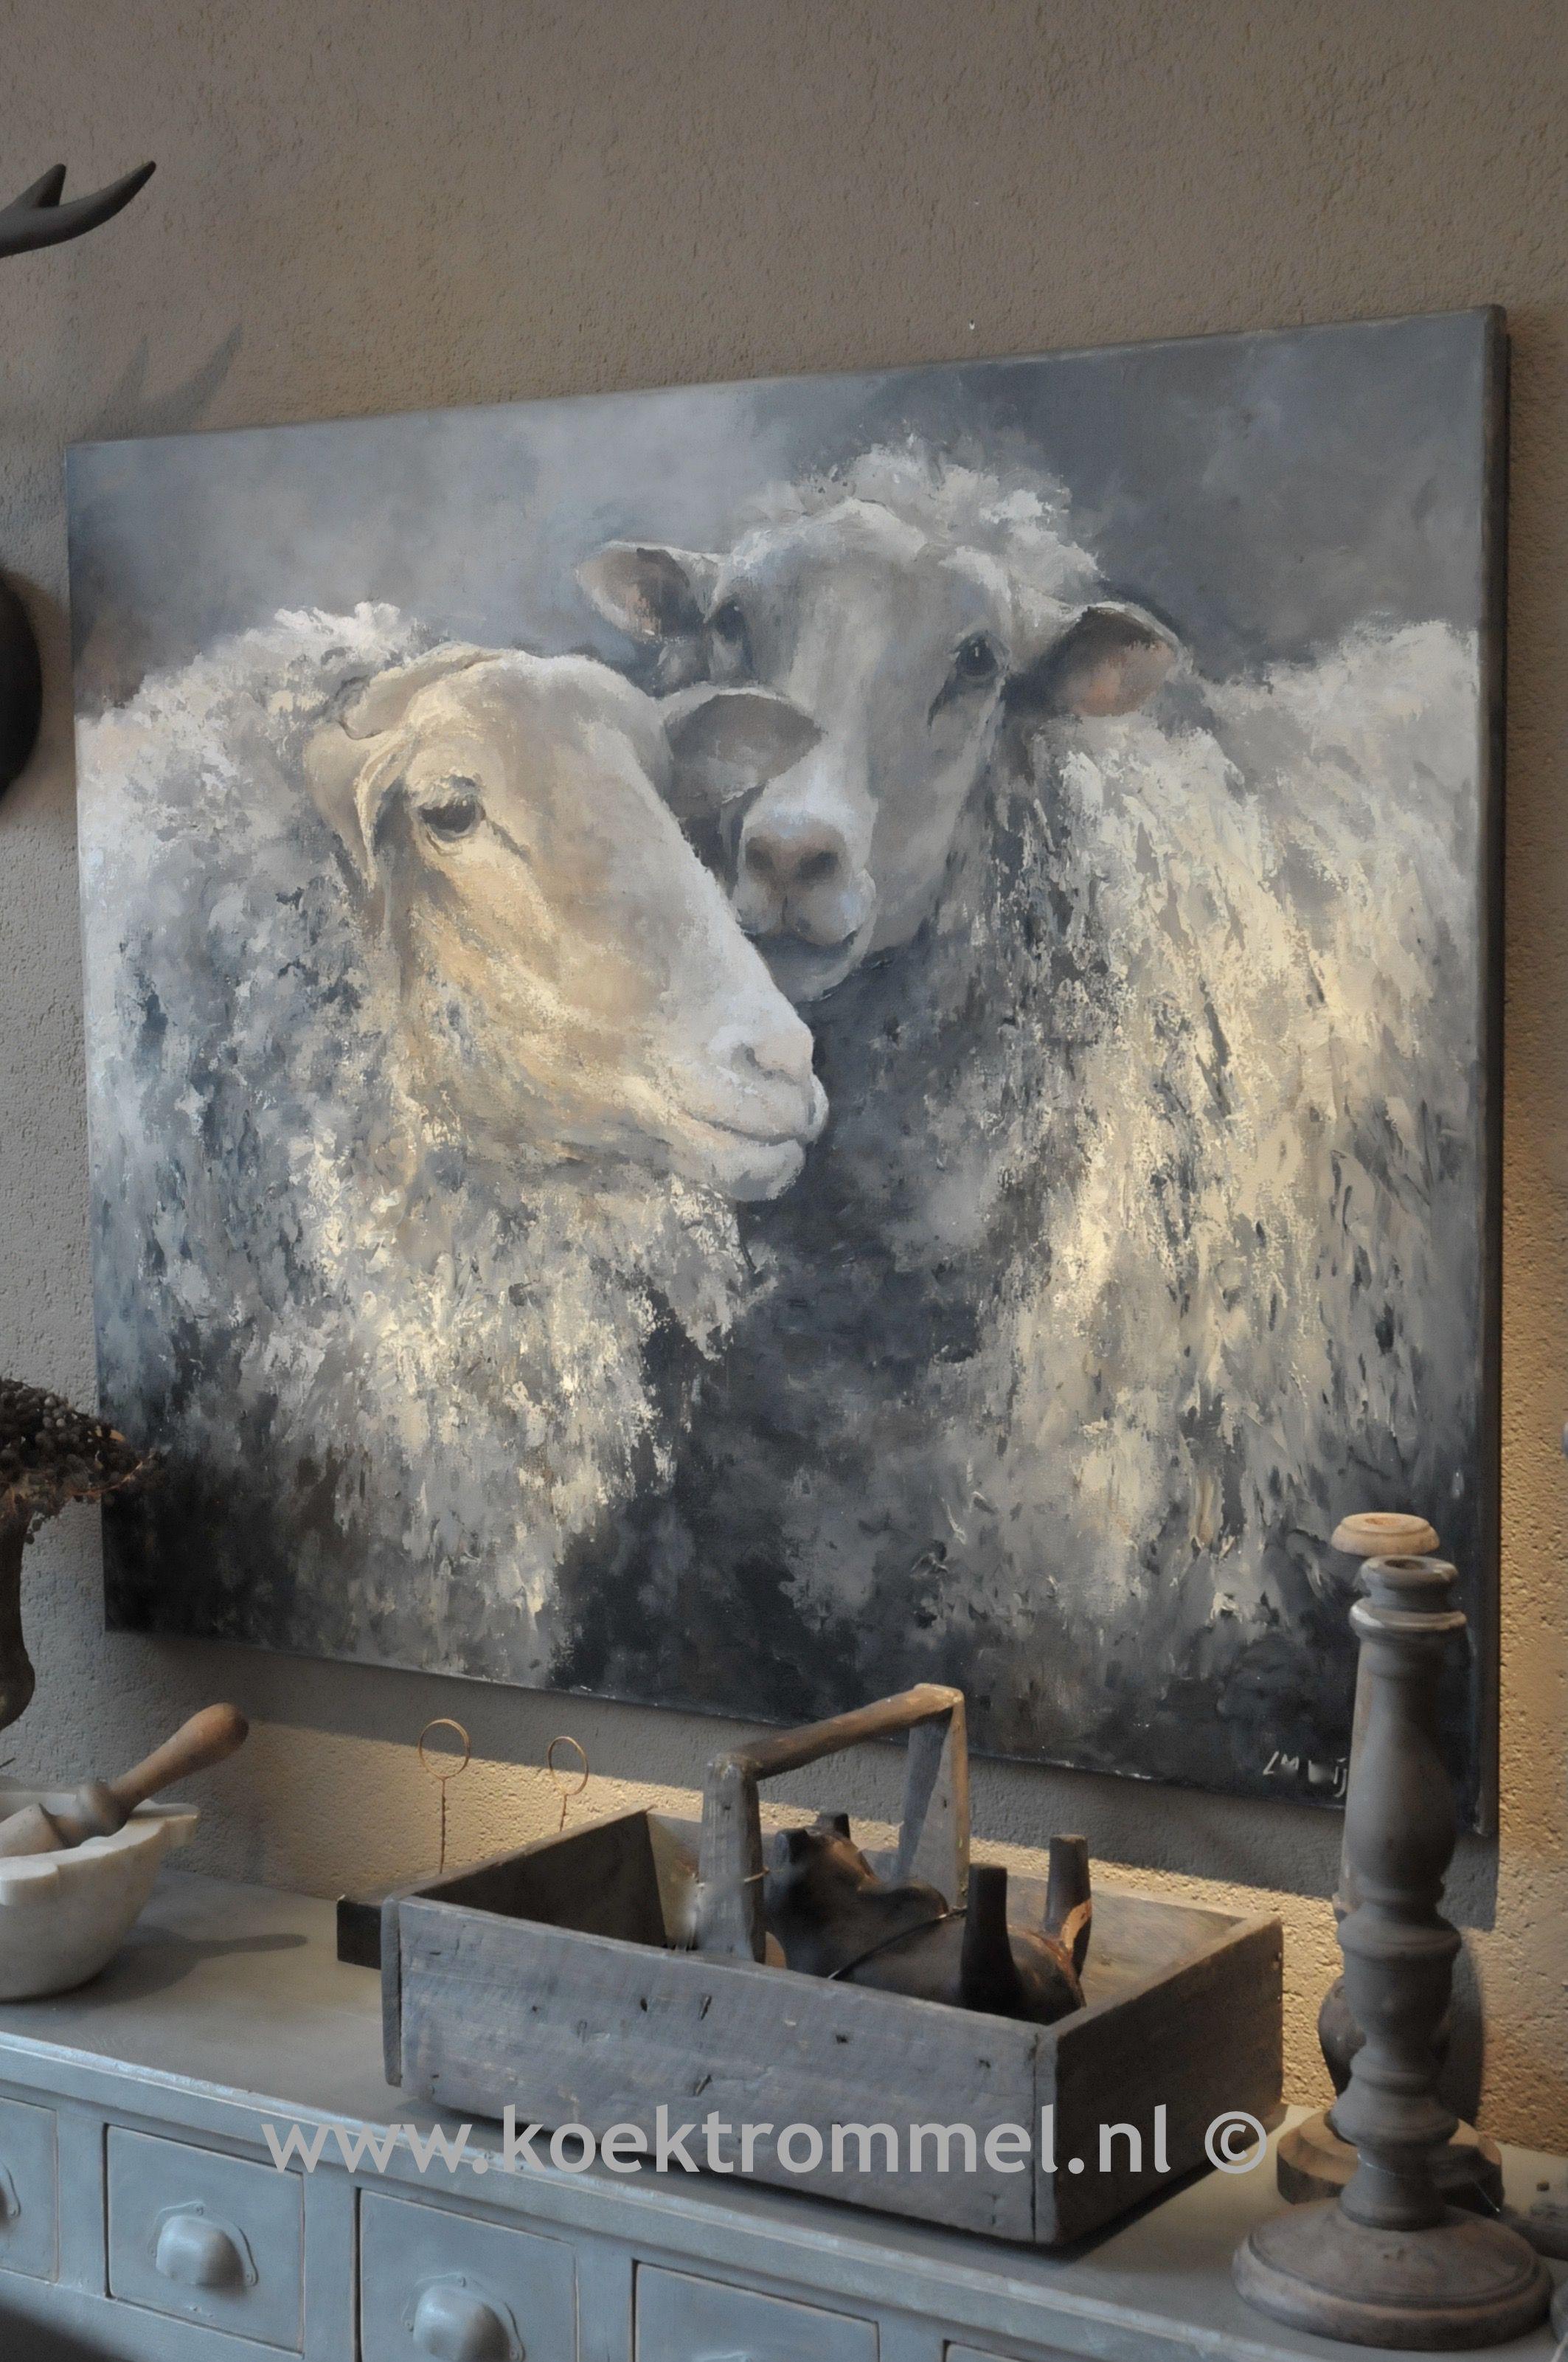 Verwonderlijk Schilderij met twee schapen. Het gemaakt met acrylverf en heeft RJ-22